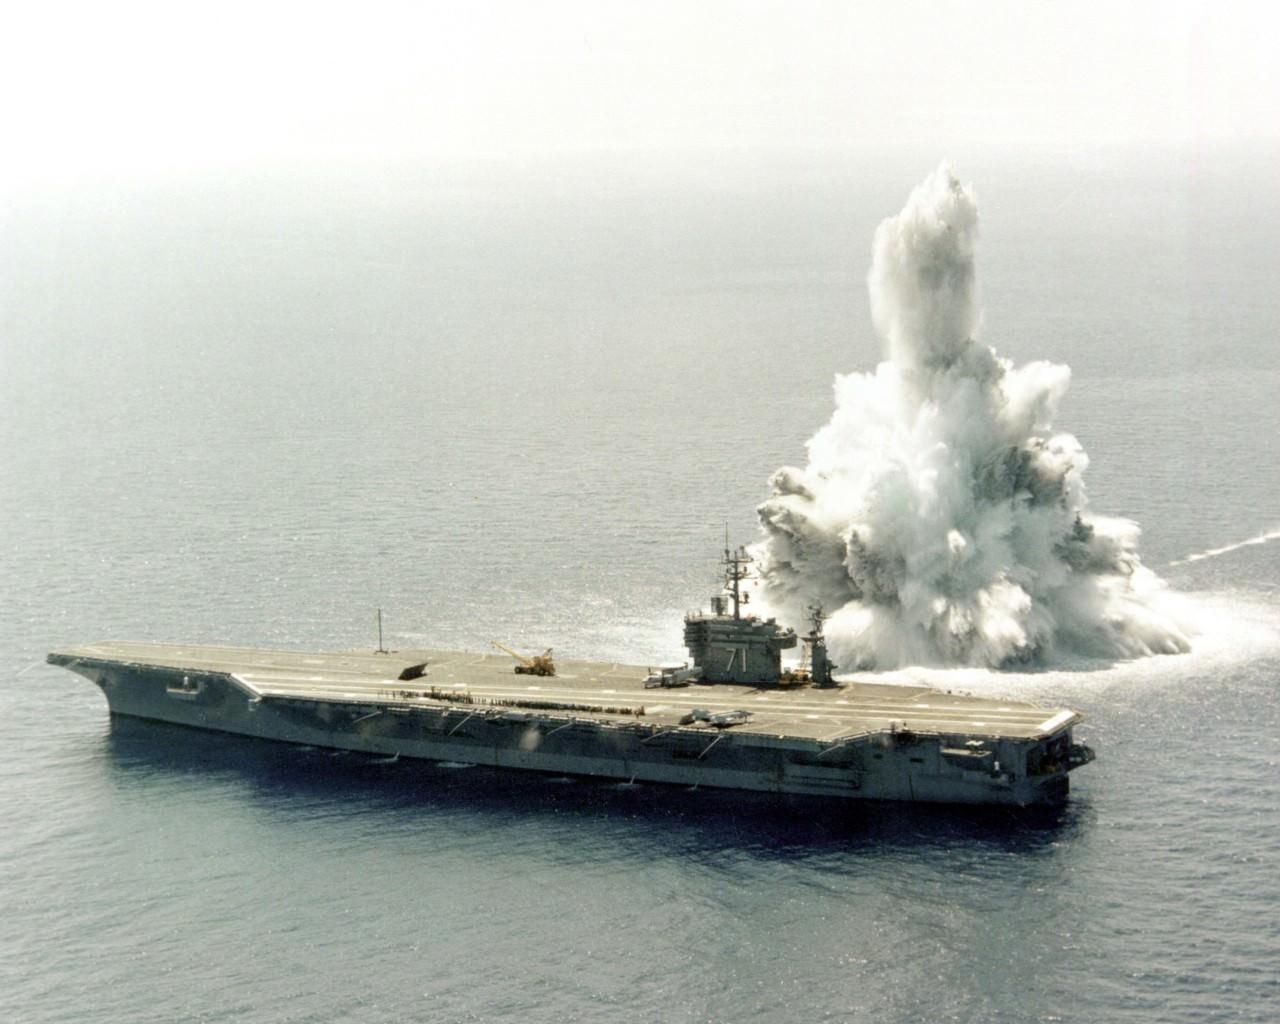 羅斯福號由美國出發到中東進行部署,途中略為調整行程參與是次聯合軍演。(PH2 Dale, U.S. Navy)